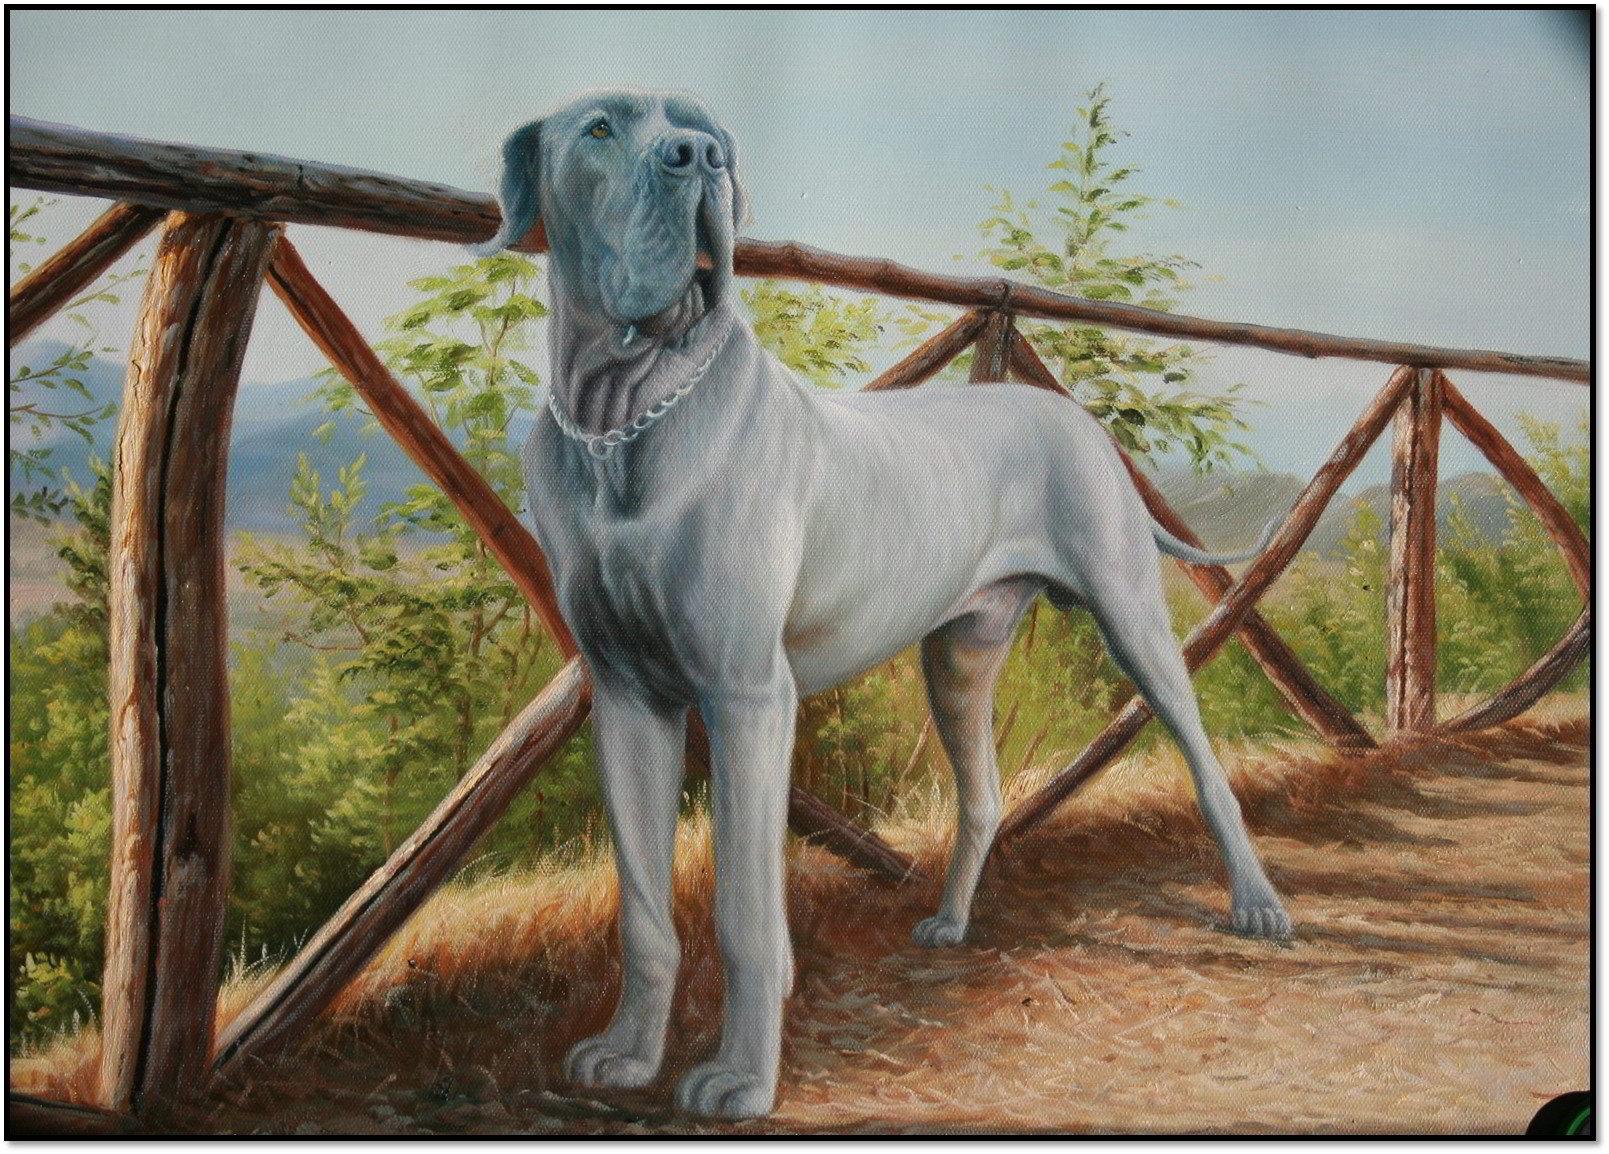 oelgemaelde tierportrait - reproduktion hund